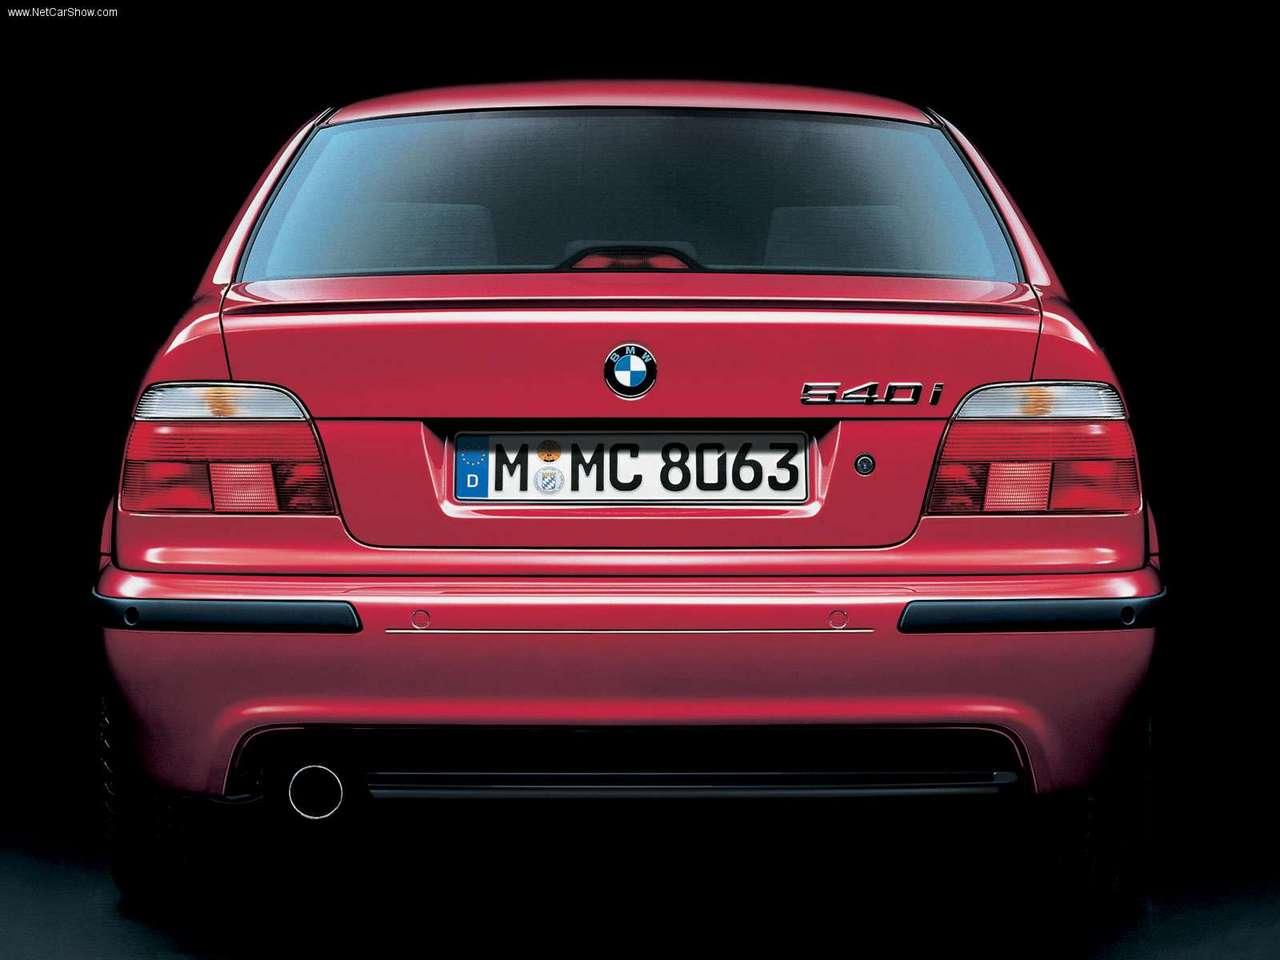 http://1.bp.blogspot.com/_xhqjRo6NERQ/S68xIQqmzqI/AAAAAAAAGg0/iyOXPzVYNCM/s1600/BMW-540i_M_Sportpaket_2001_1280x960_wallpaper_02.jpg